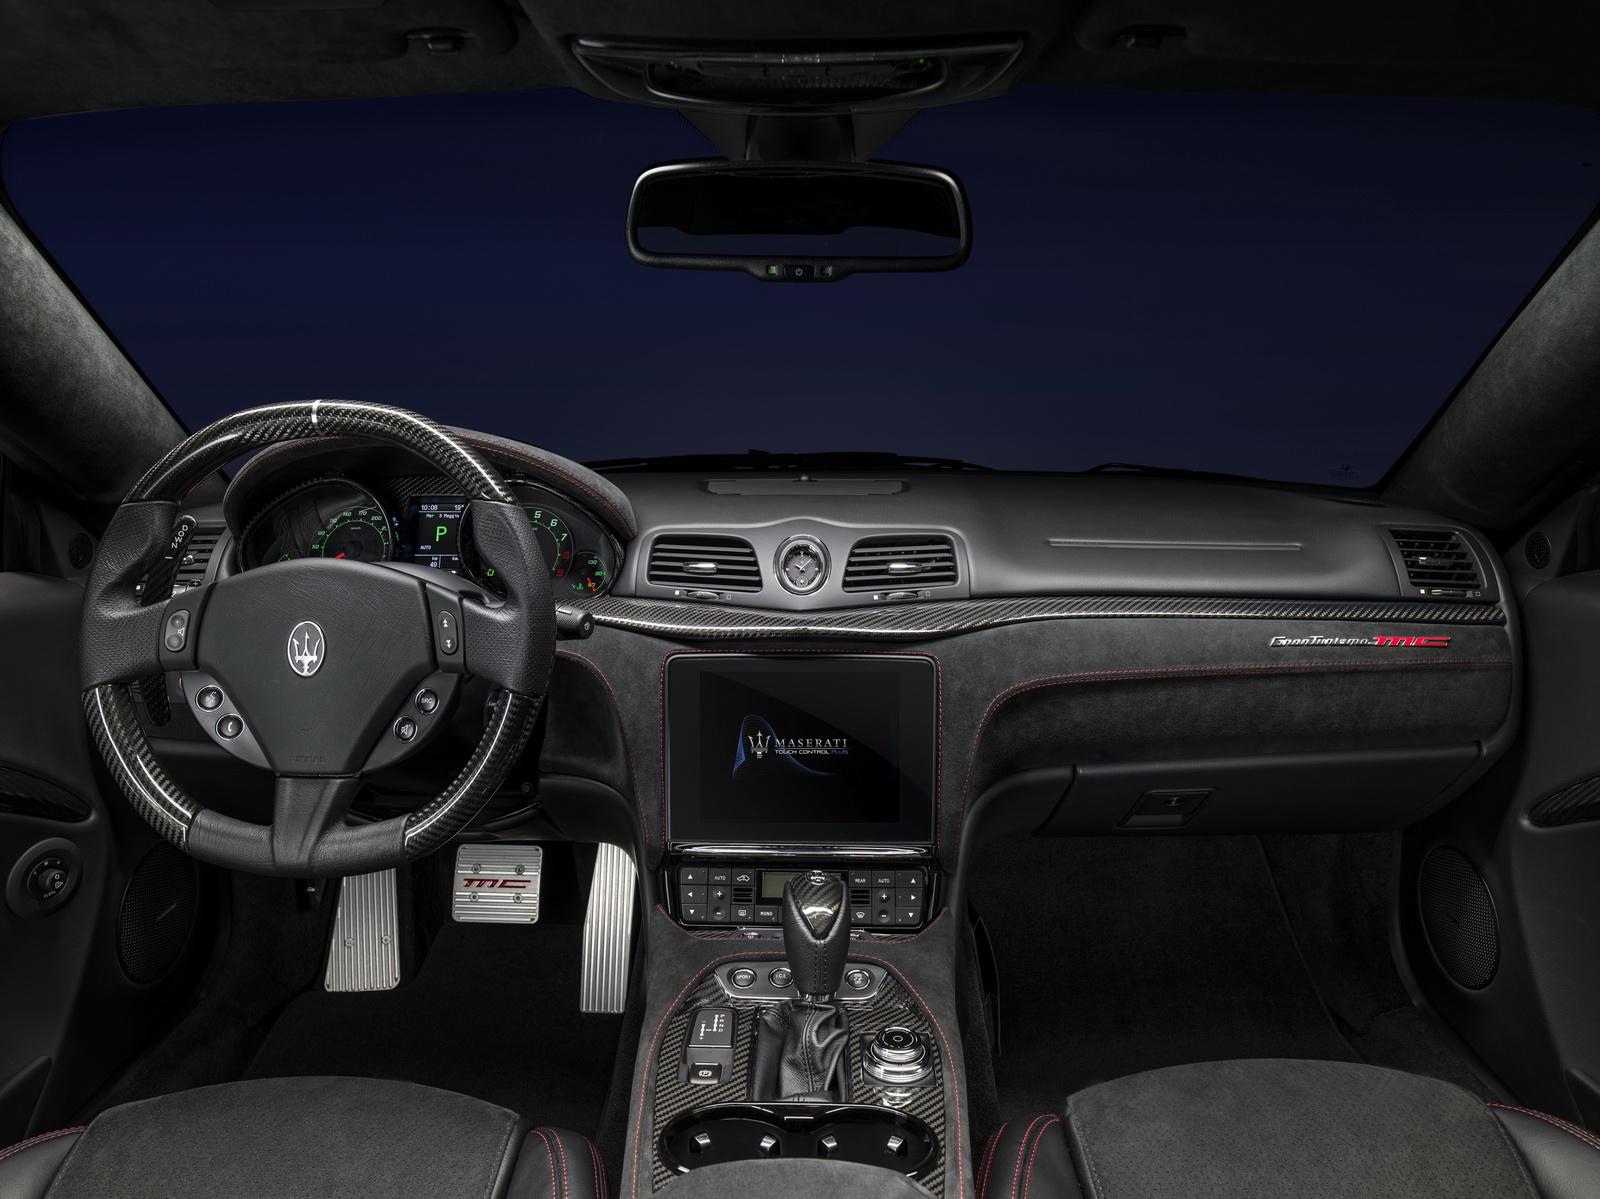 Maserati finally details 2018 granturismo and grancabrio in new gallery 45 pics carscoops - Turismo interior ...